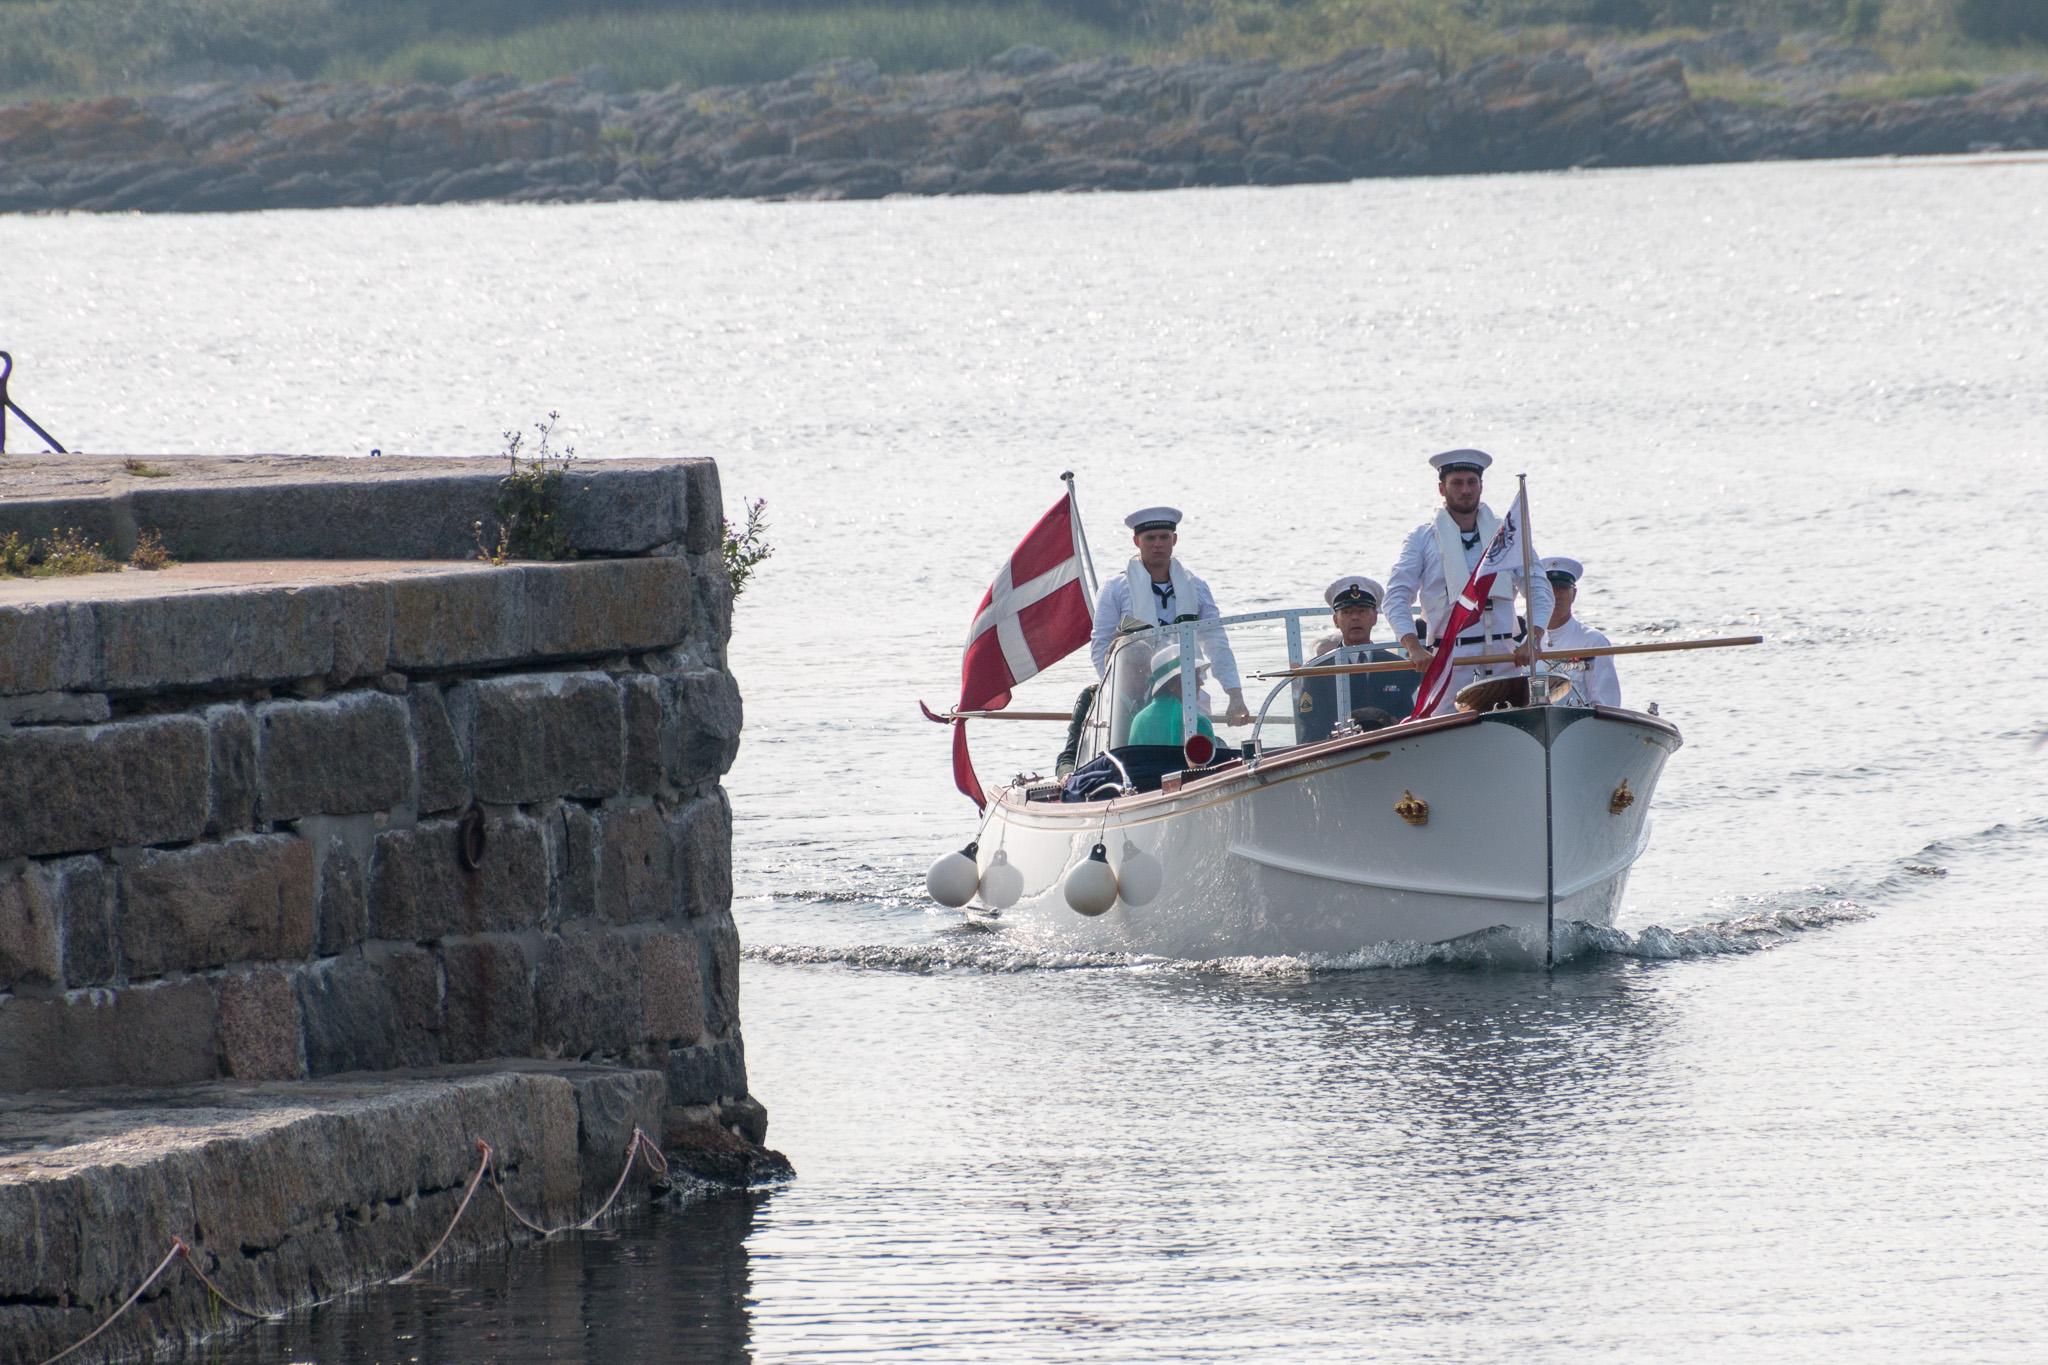 Die Schaluppe mit Ihrer Majestät erreicht den Hafen von Svaneke